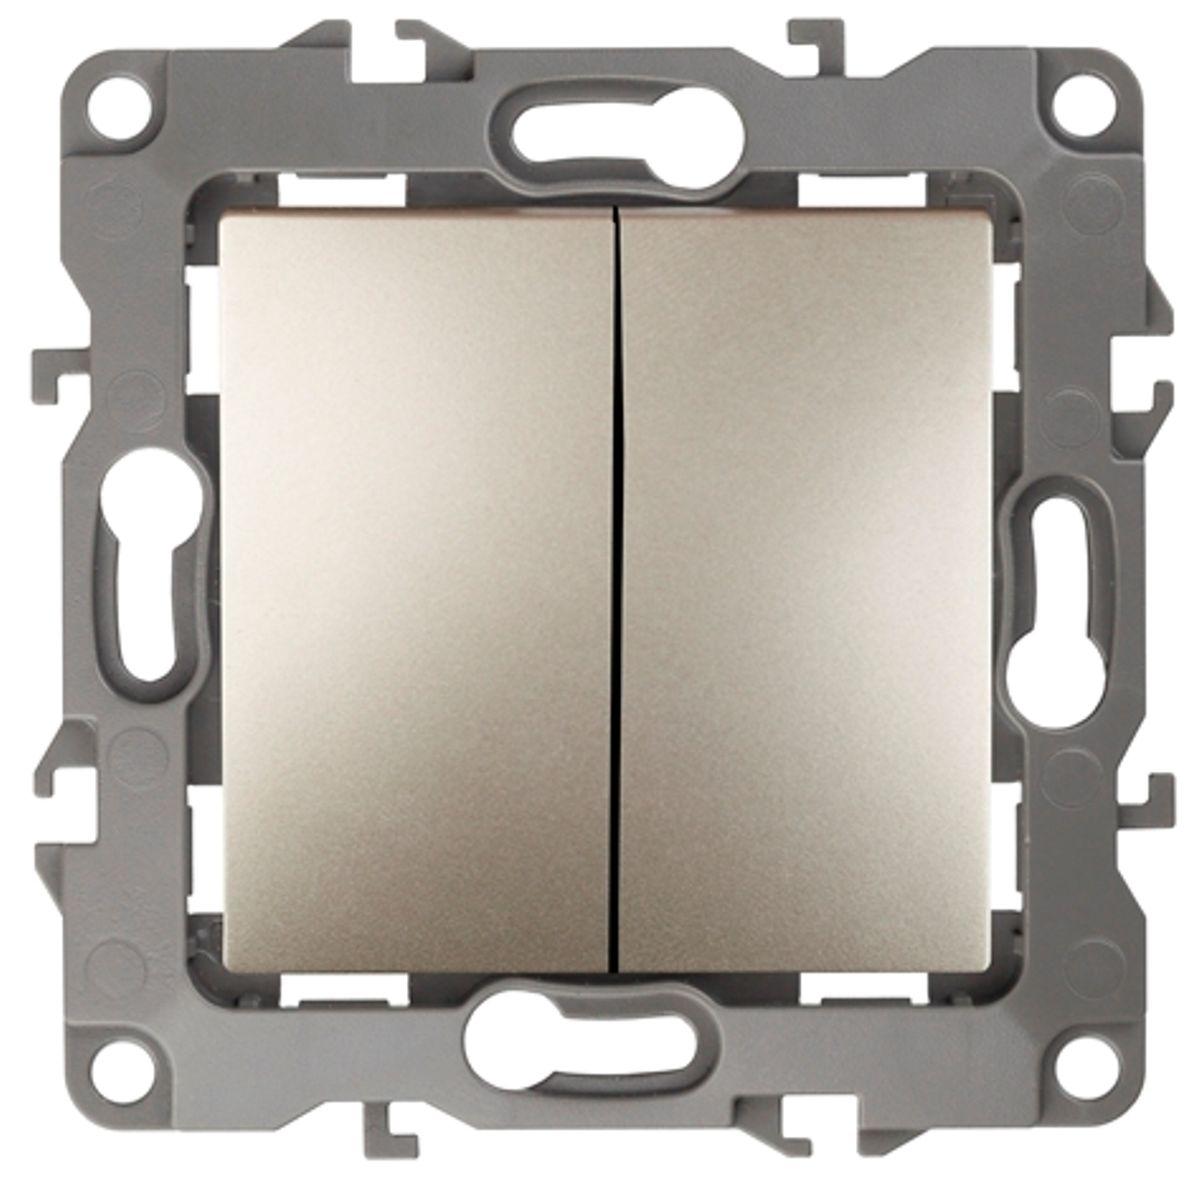 Выключатель ЭРА, двойной, цвет: шампань, серый. 12-110412-1104-04Двойной выключатель ЭРА выполнен из прочного пластика, контакты бронзовые. Изделие просто в установке, надежно в эксплуатации. Выключатель имеет специальные фиксаторы, которые не дают ему смещаться как при монтаже, так и в процессе эксплуатации. Автоматические зажимы кабеля обеспечивают быстрый и надежный монтаж изделия к электросети без отвертки и не требуют обслуживания в отличие от винтовых зажимов.